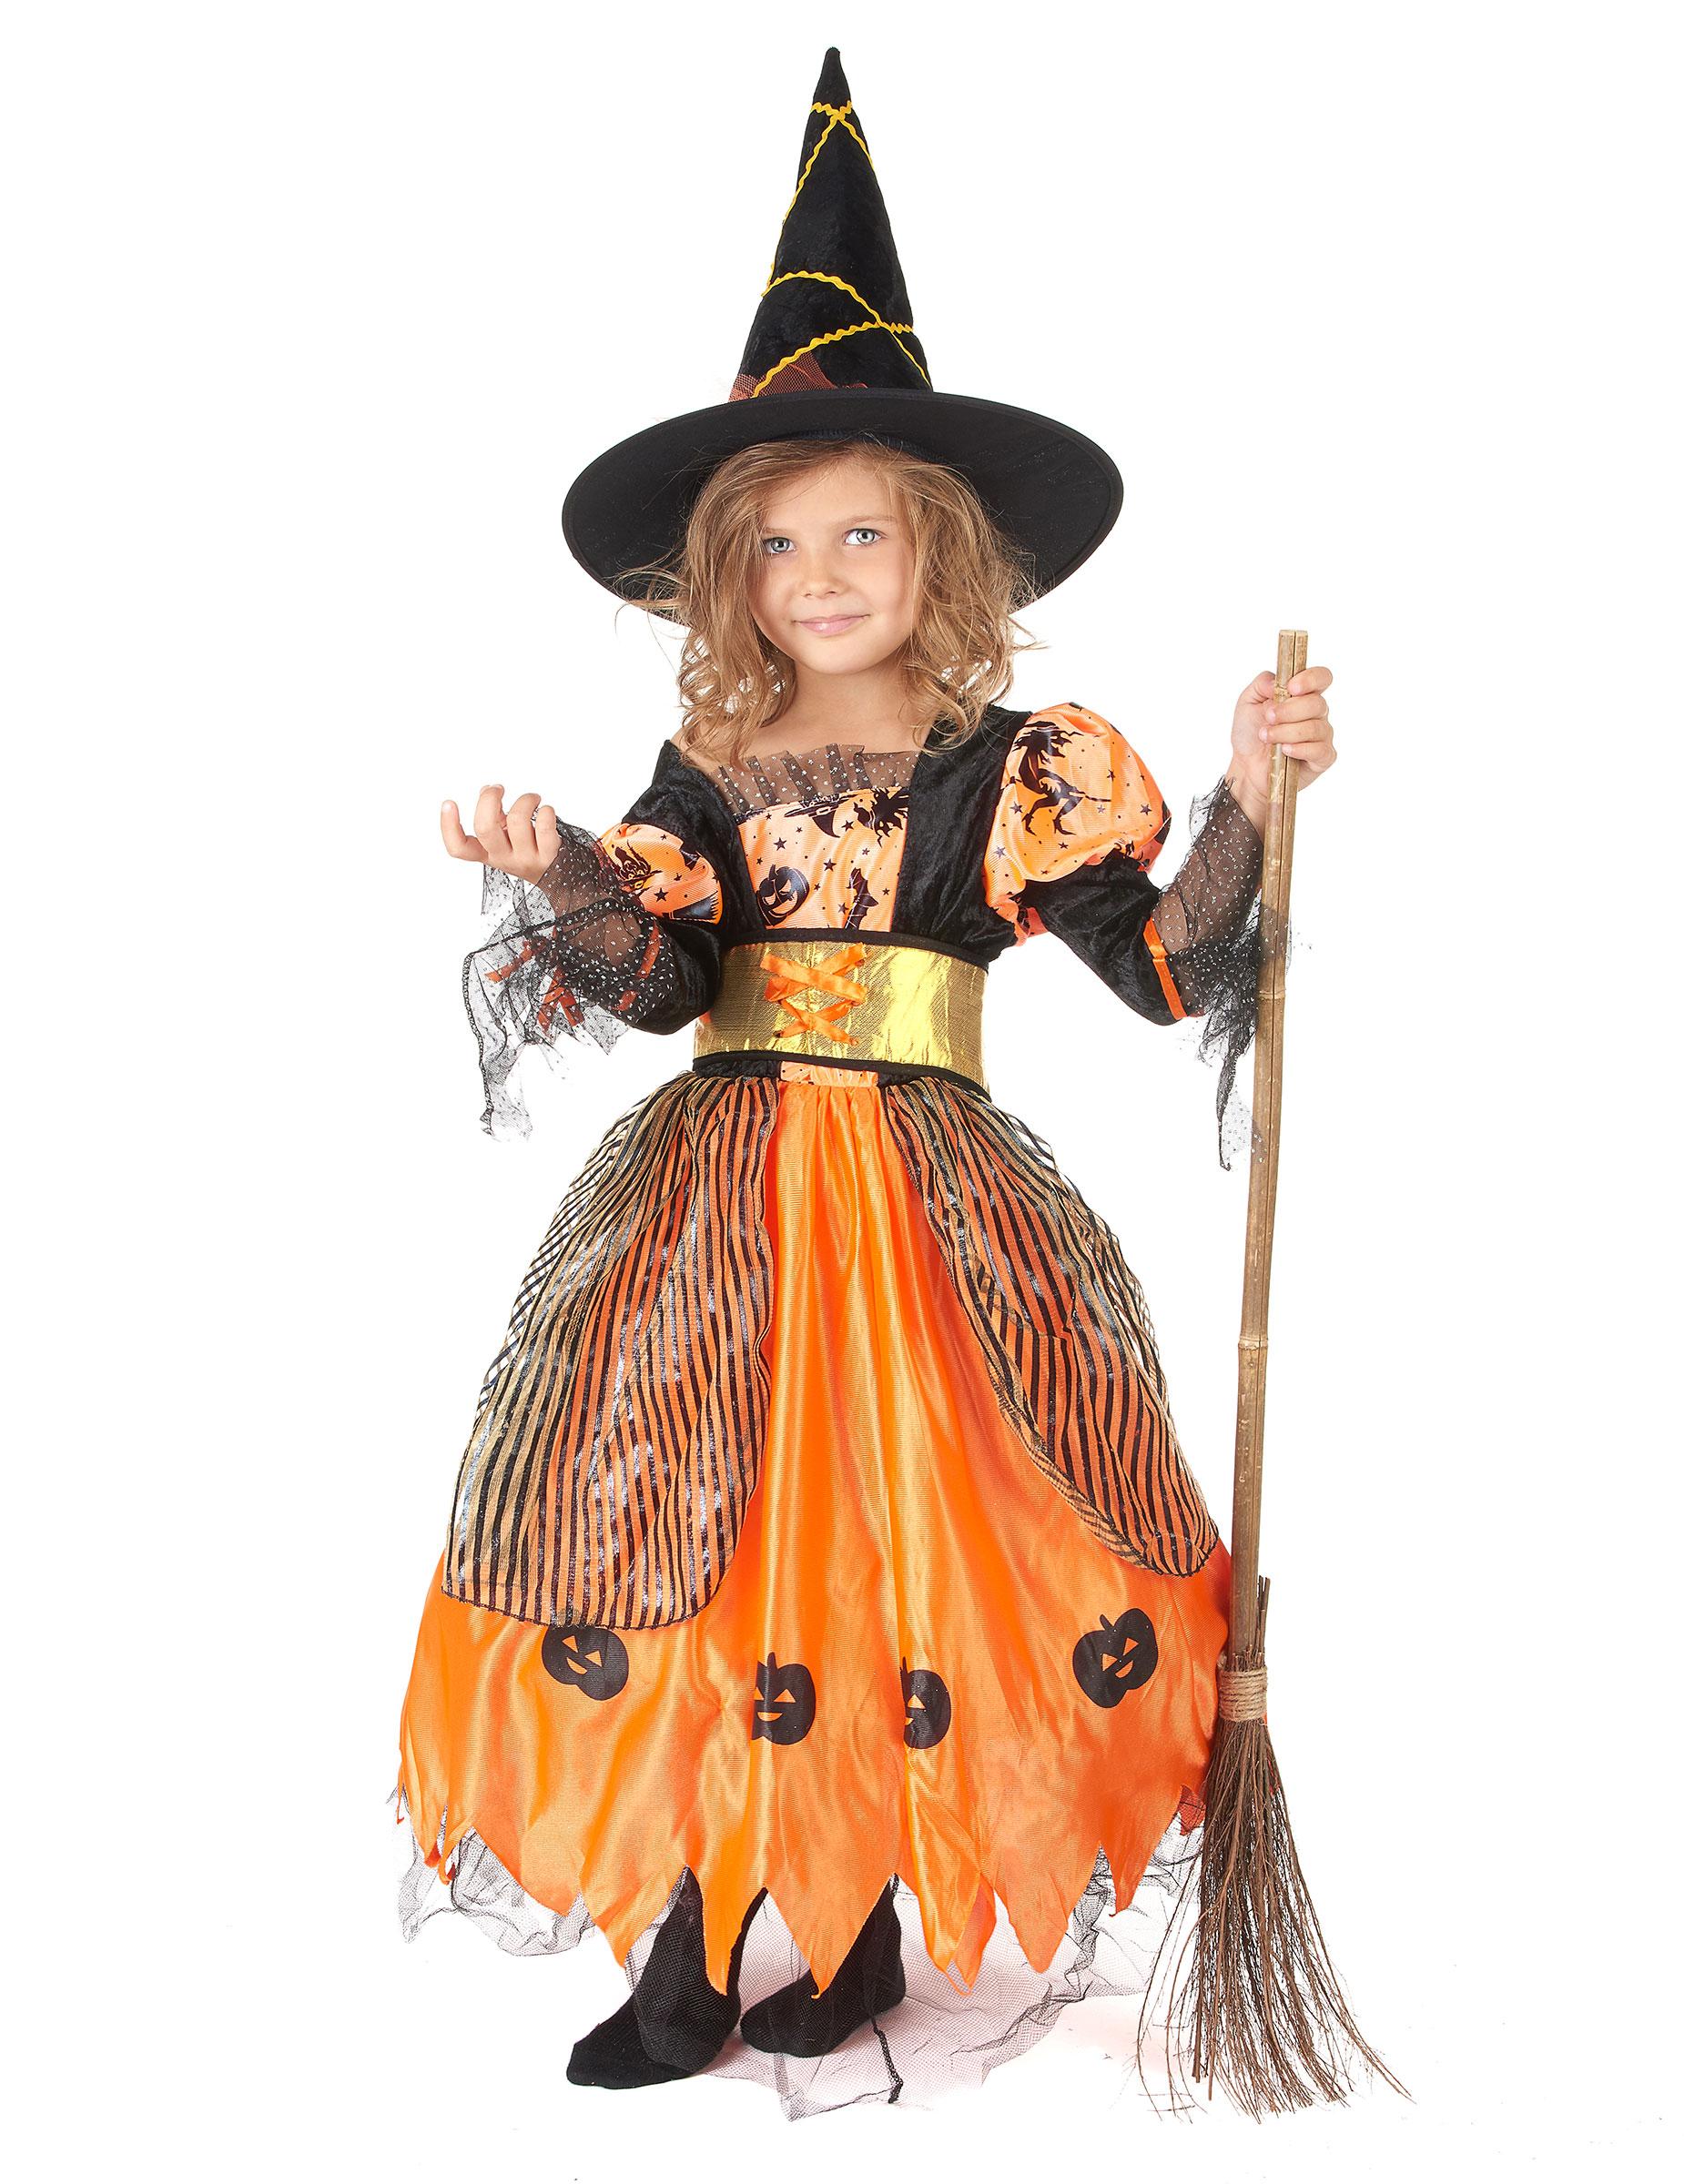 Deguisetoi d guisement et accessoire de f te pour vos soir es d guis es ha - Deguisetoi fr halloween ...